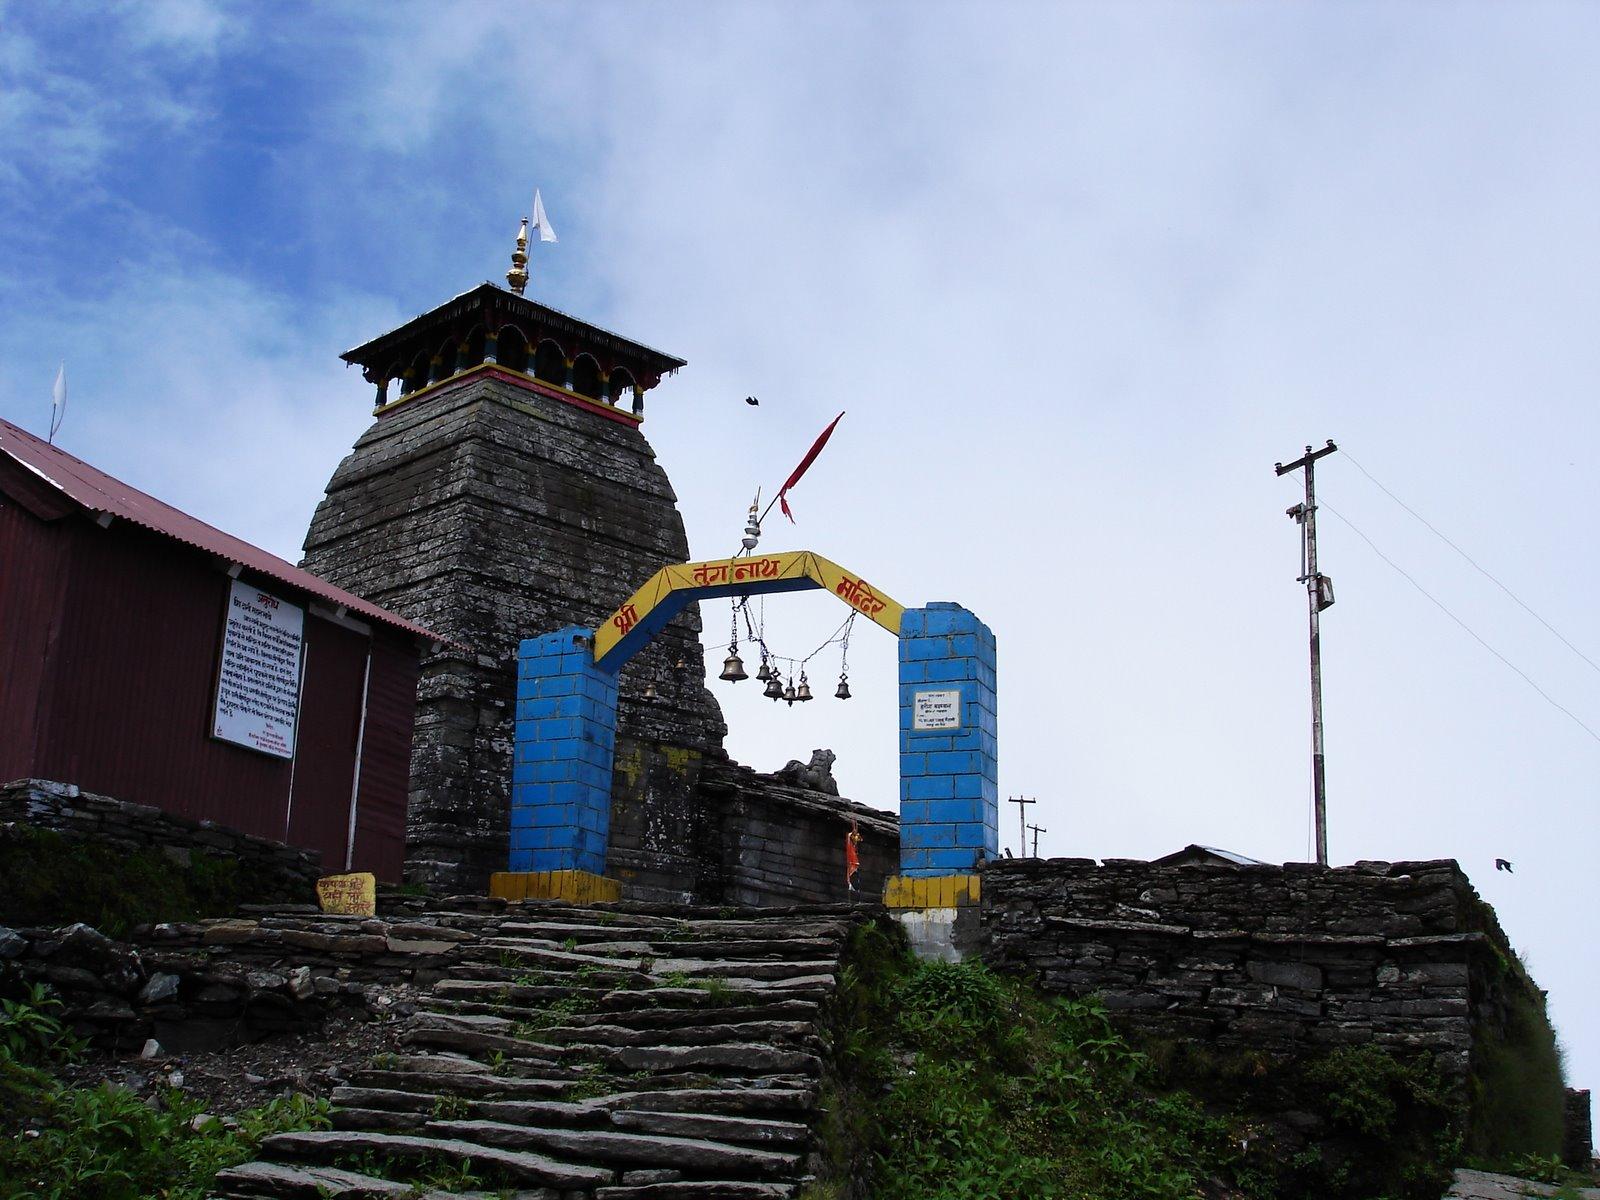 6 नवंबर को बंद होंगे तृतीय केदार भगवान तुंगनाथ के कपाट